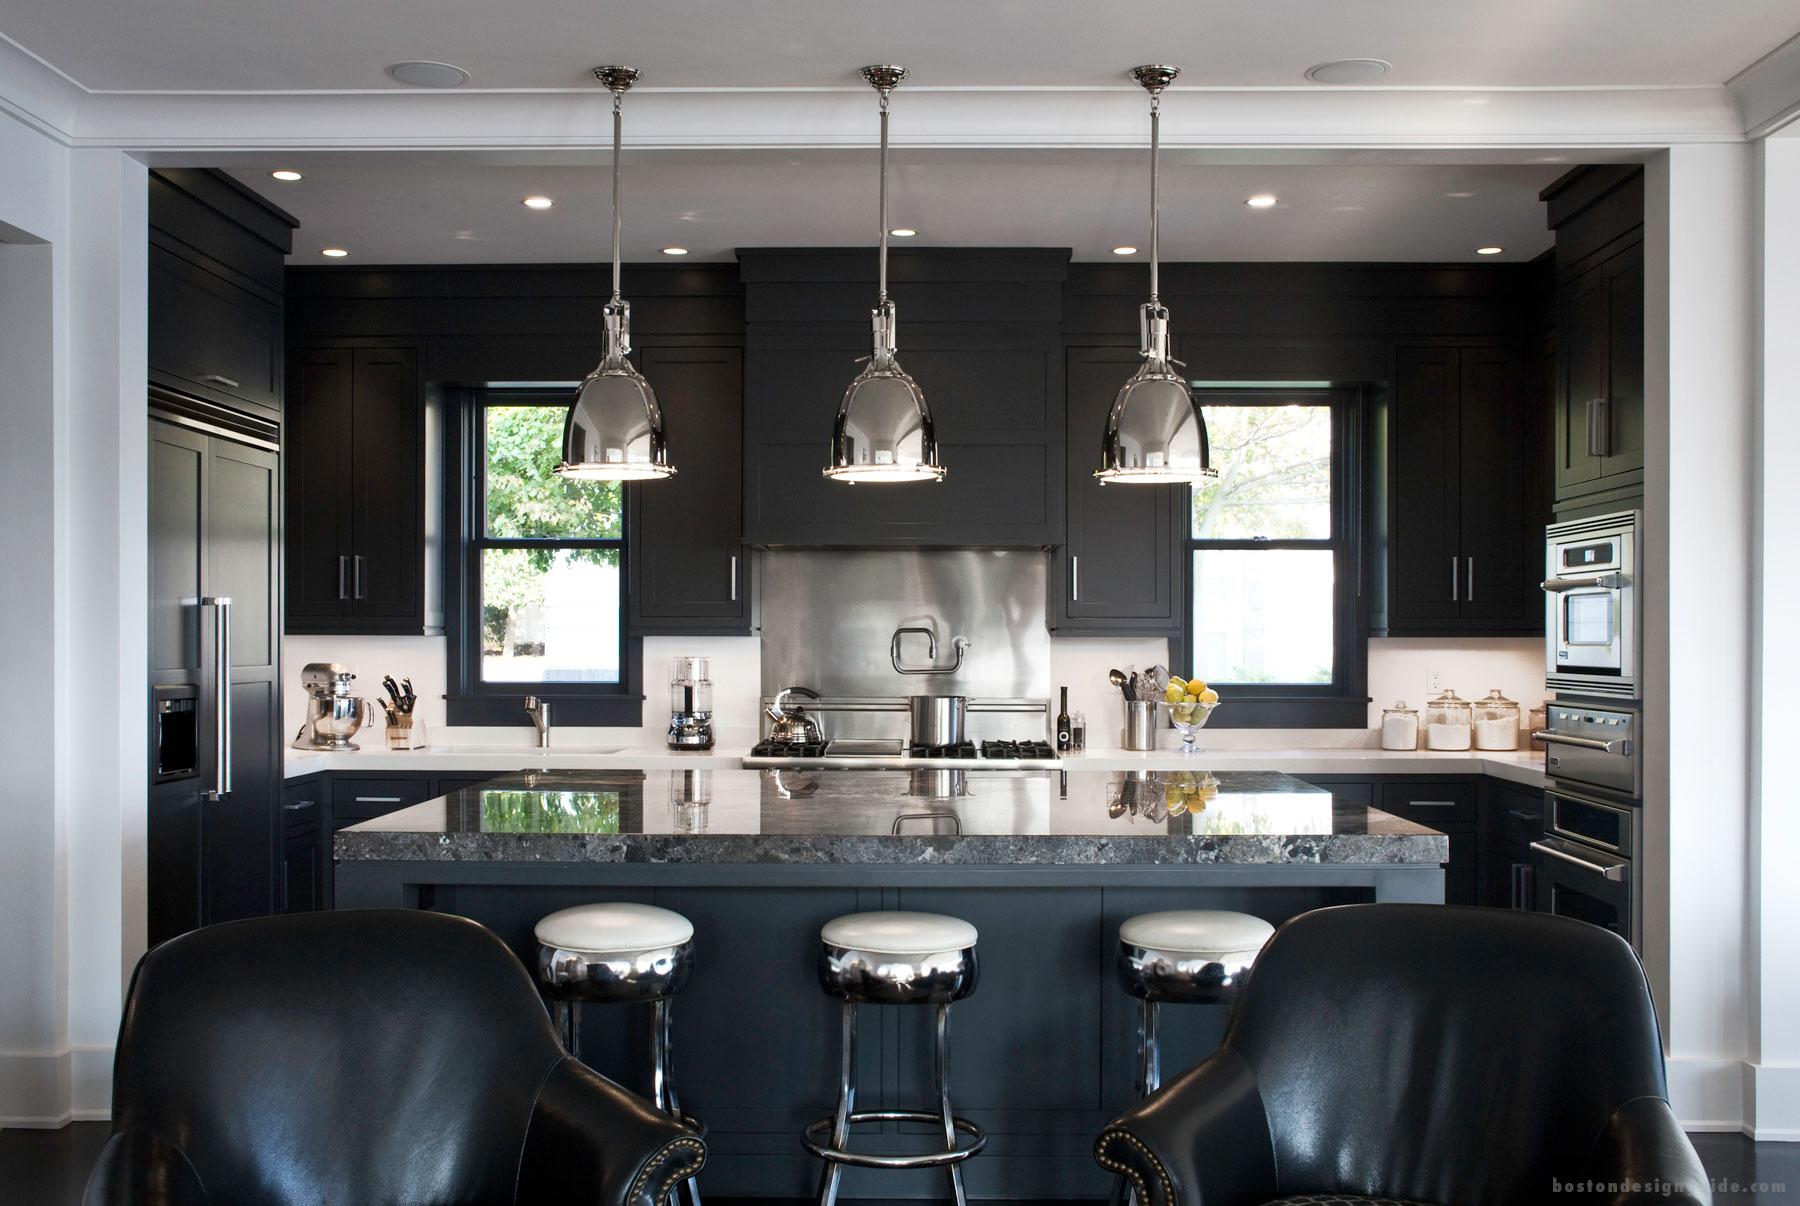 Kitchen mirror interior deisgn